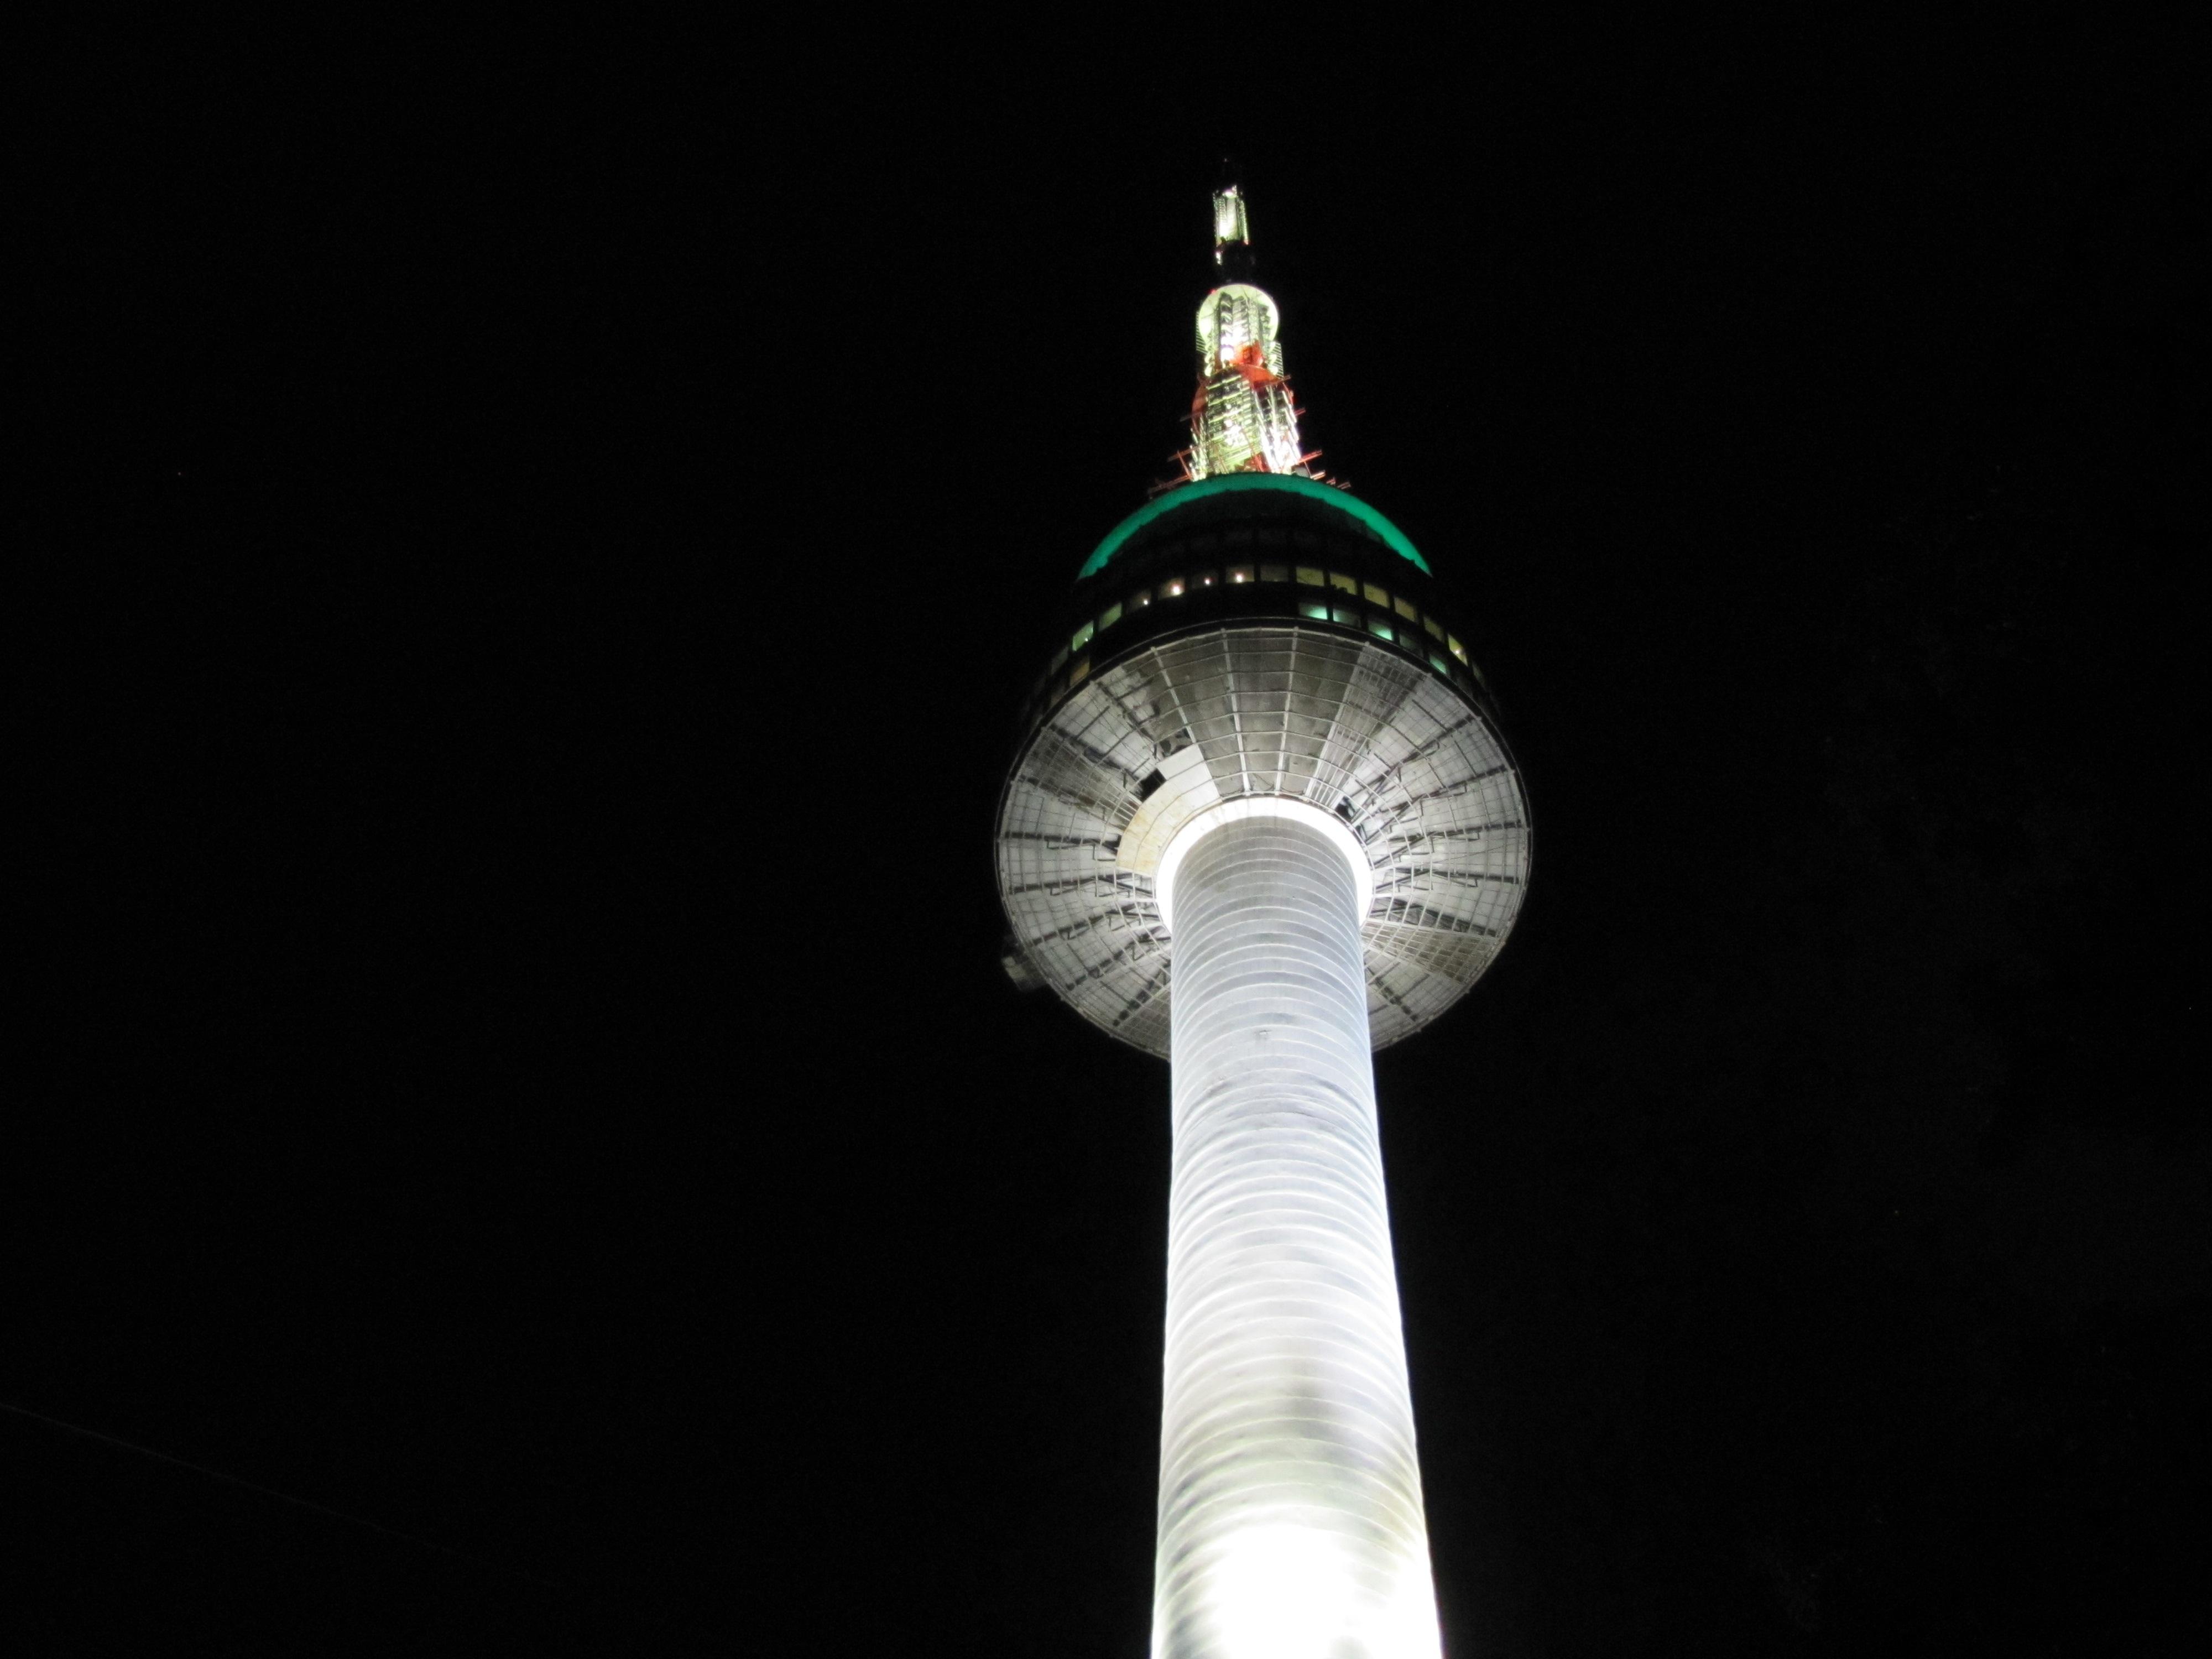 hình ảnh : ánh sáng, đêm, Tháp, bóng tối, đèn đường, thắp sáng, Đối xứng, Ánh sáng fixture, Seoul, Namsan, N tháp 4000x3000